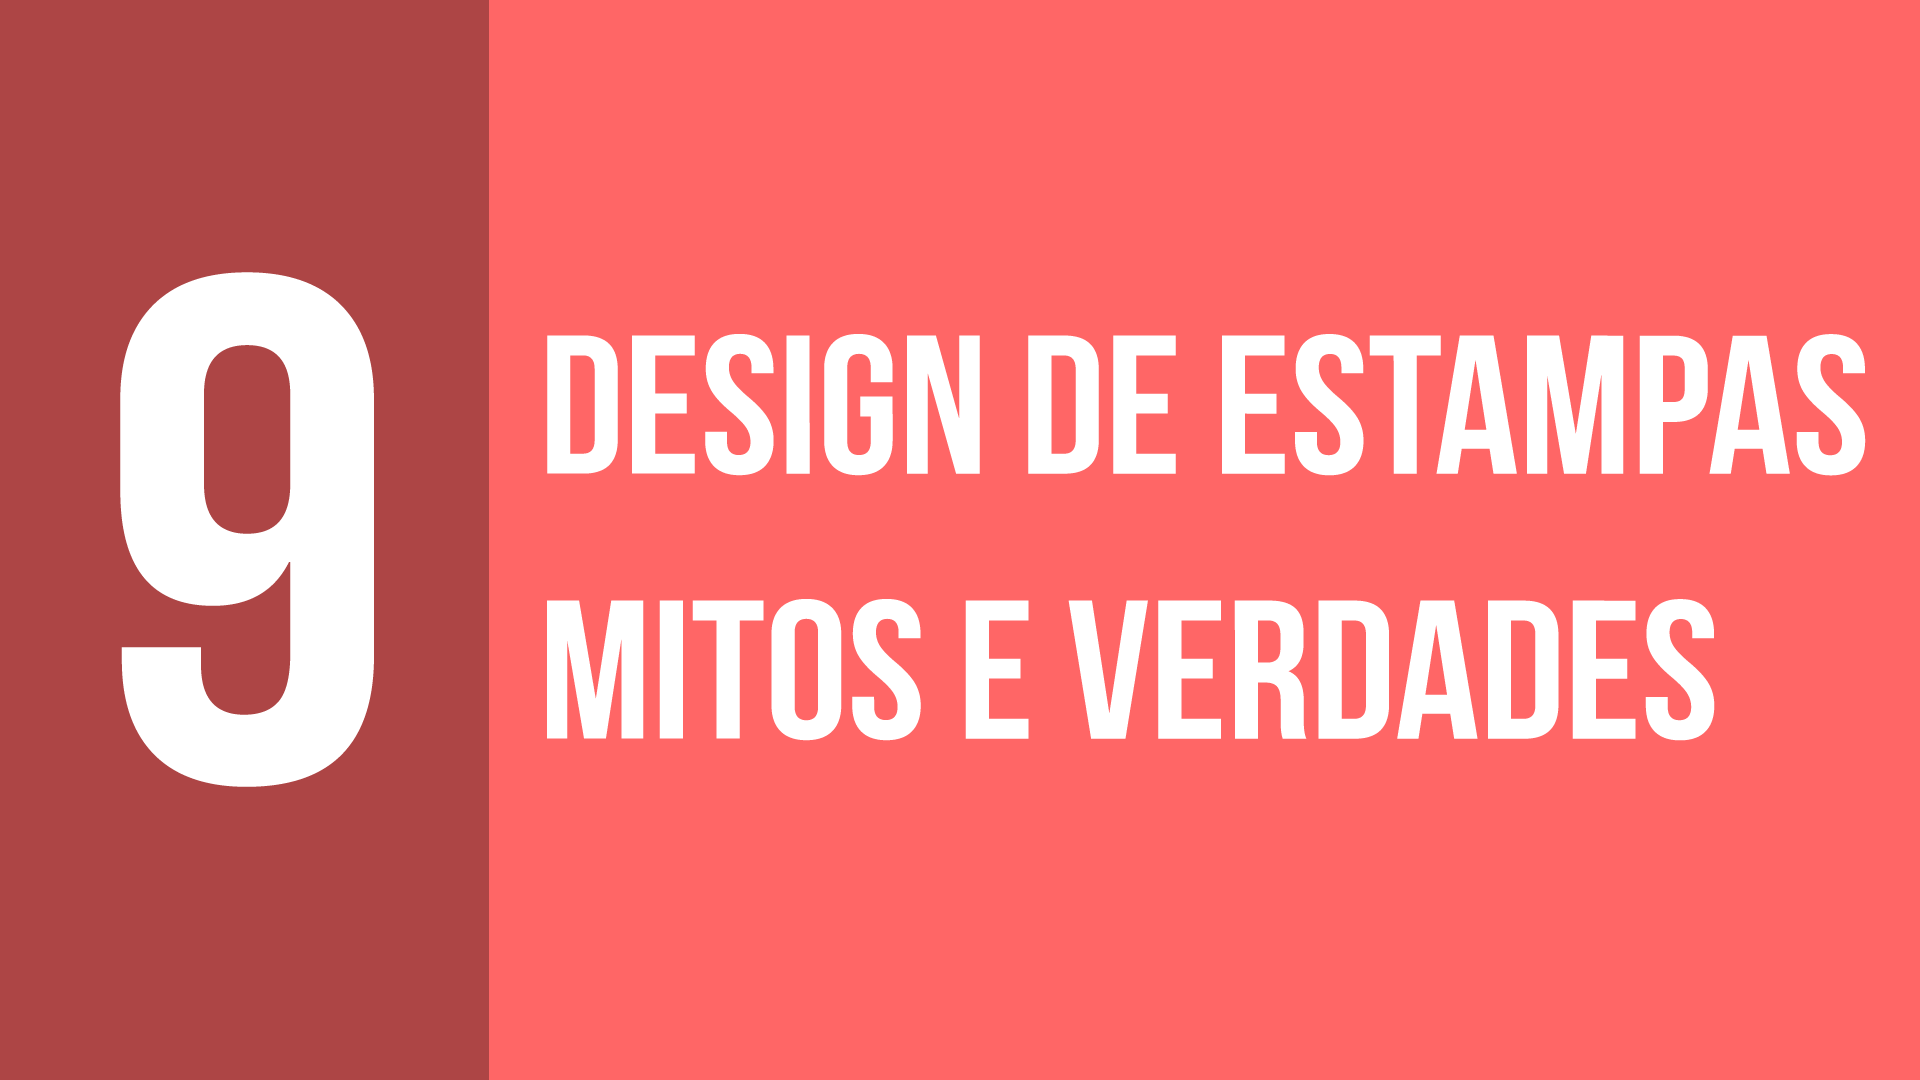 Design de Estampas - 9 Mitos e Verdades